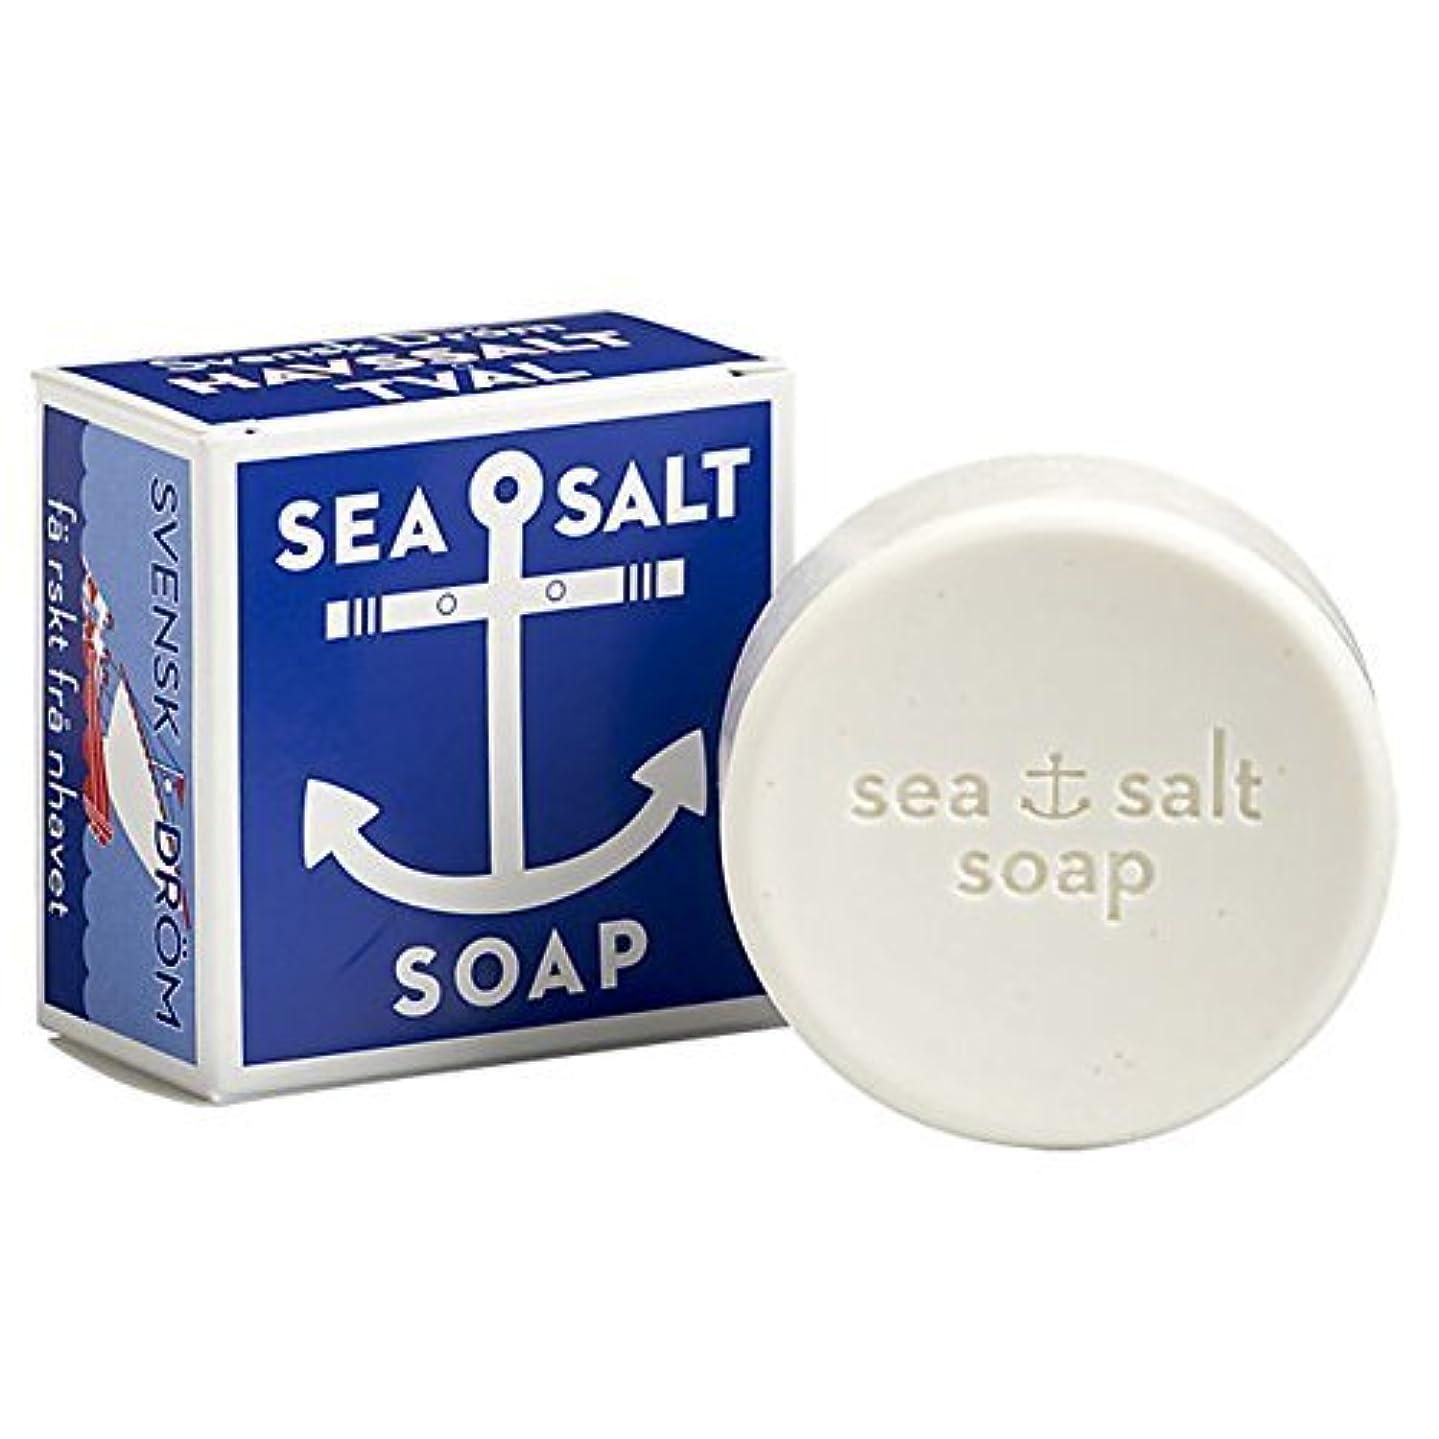 硬いミリメートルブランド名Swedish Dream Sea Salt Invigorating Bath Soap - One 4.3 oz Bar by Swedish Dream [並行輸入品]